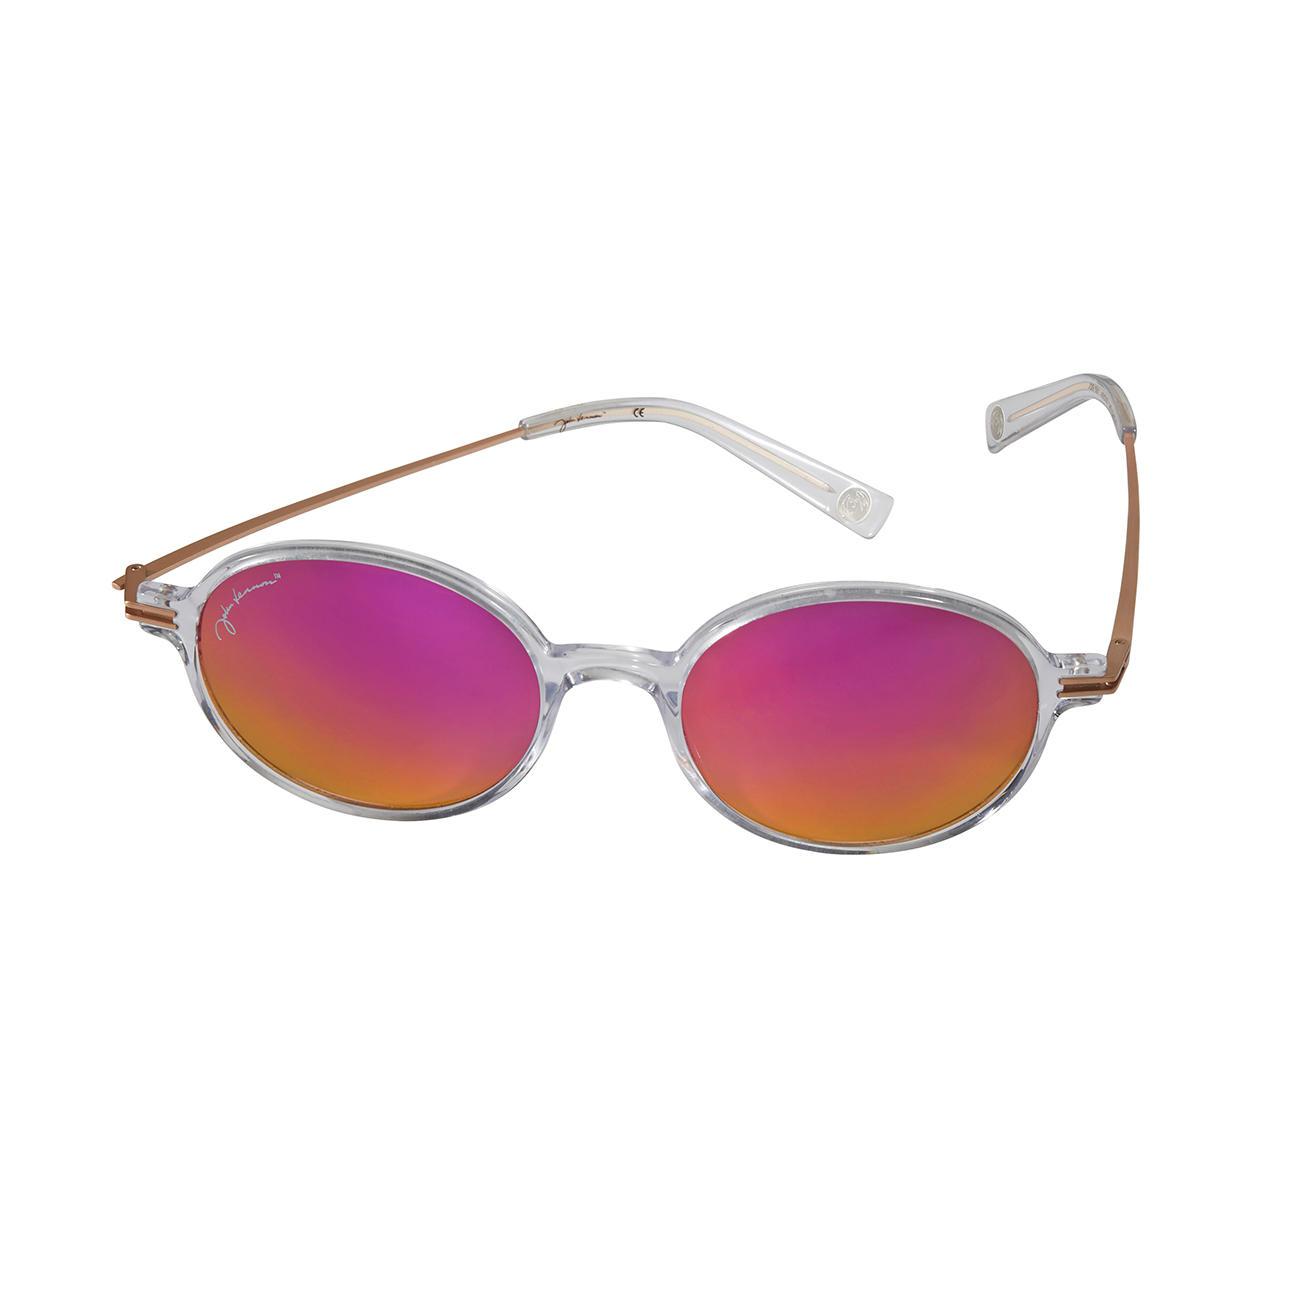 John Lennon Sonnenbrille Pink | Klassiker entdecken